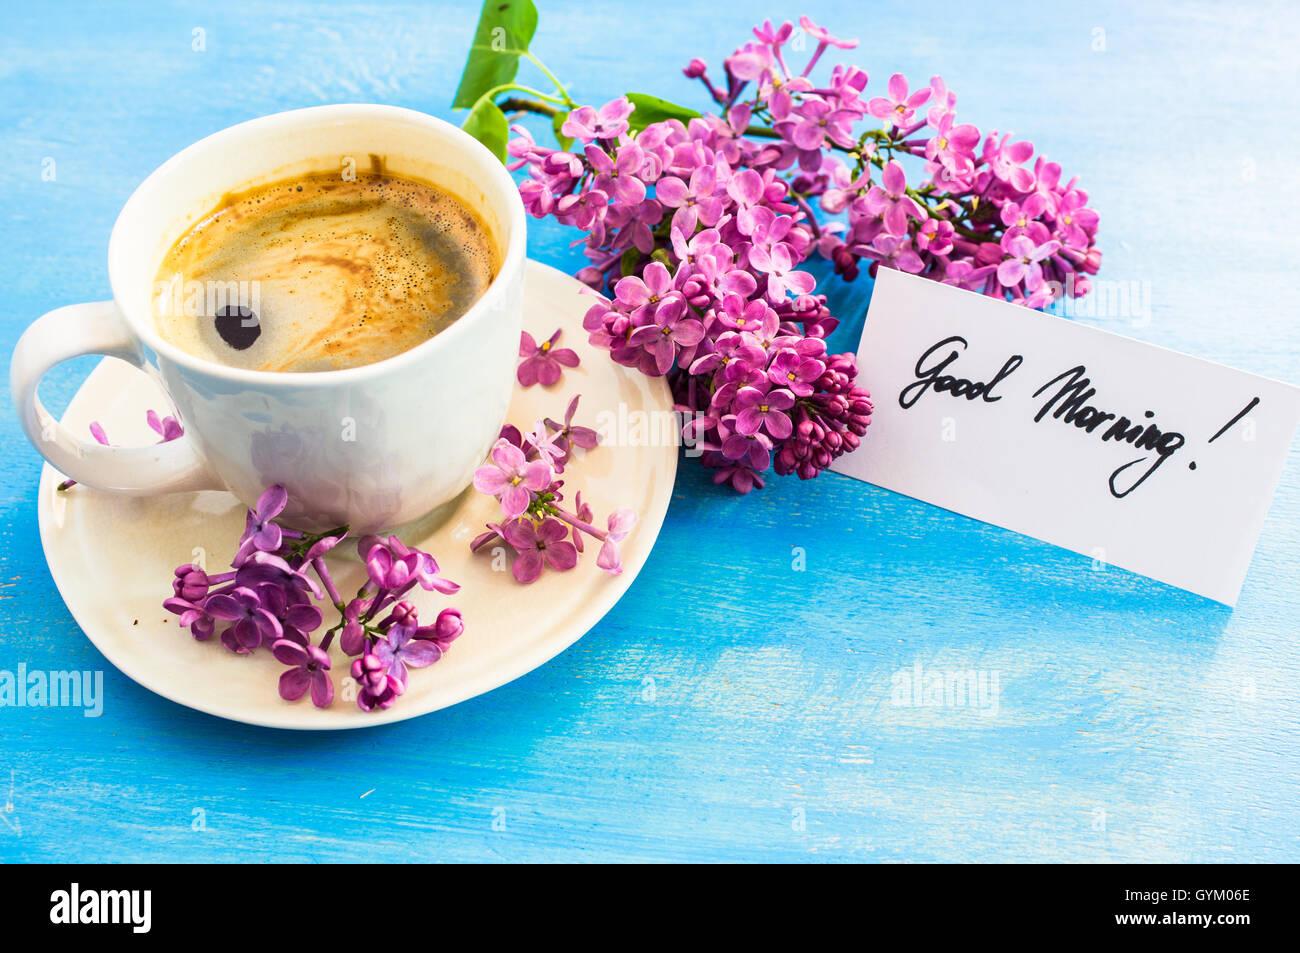 lila blumen und eine tasse kaffee mit beachten sie guten. Black Bedroom Furniture Sets. Home Design Ideas